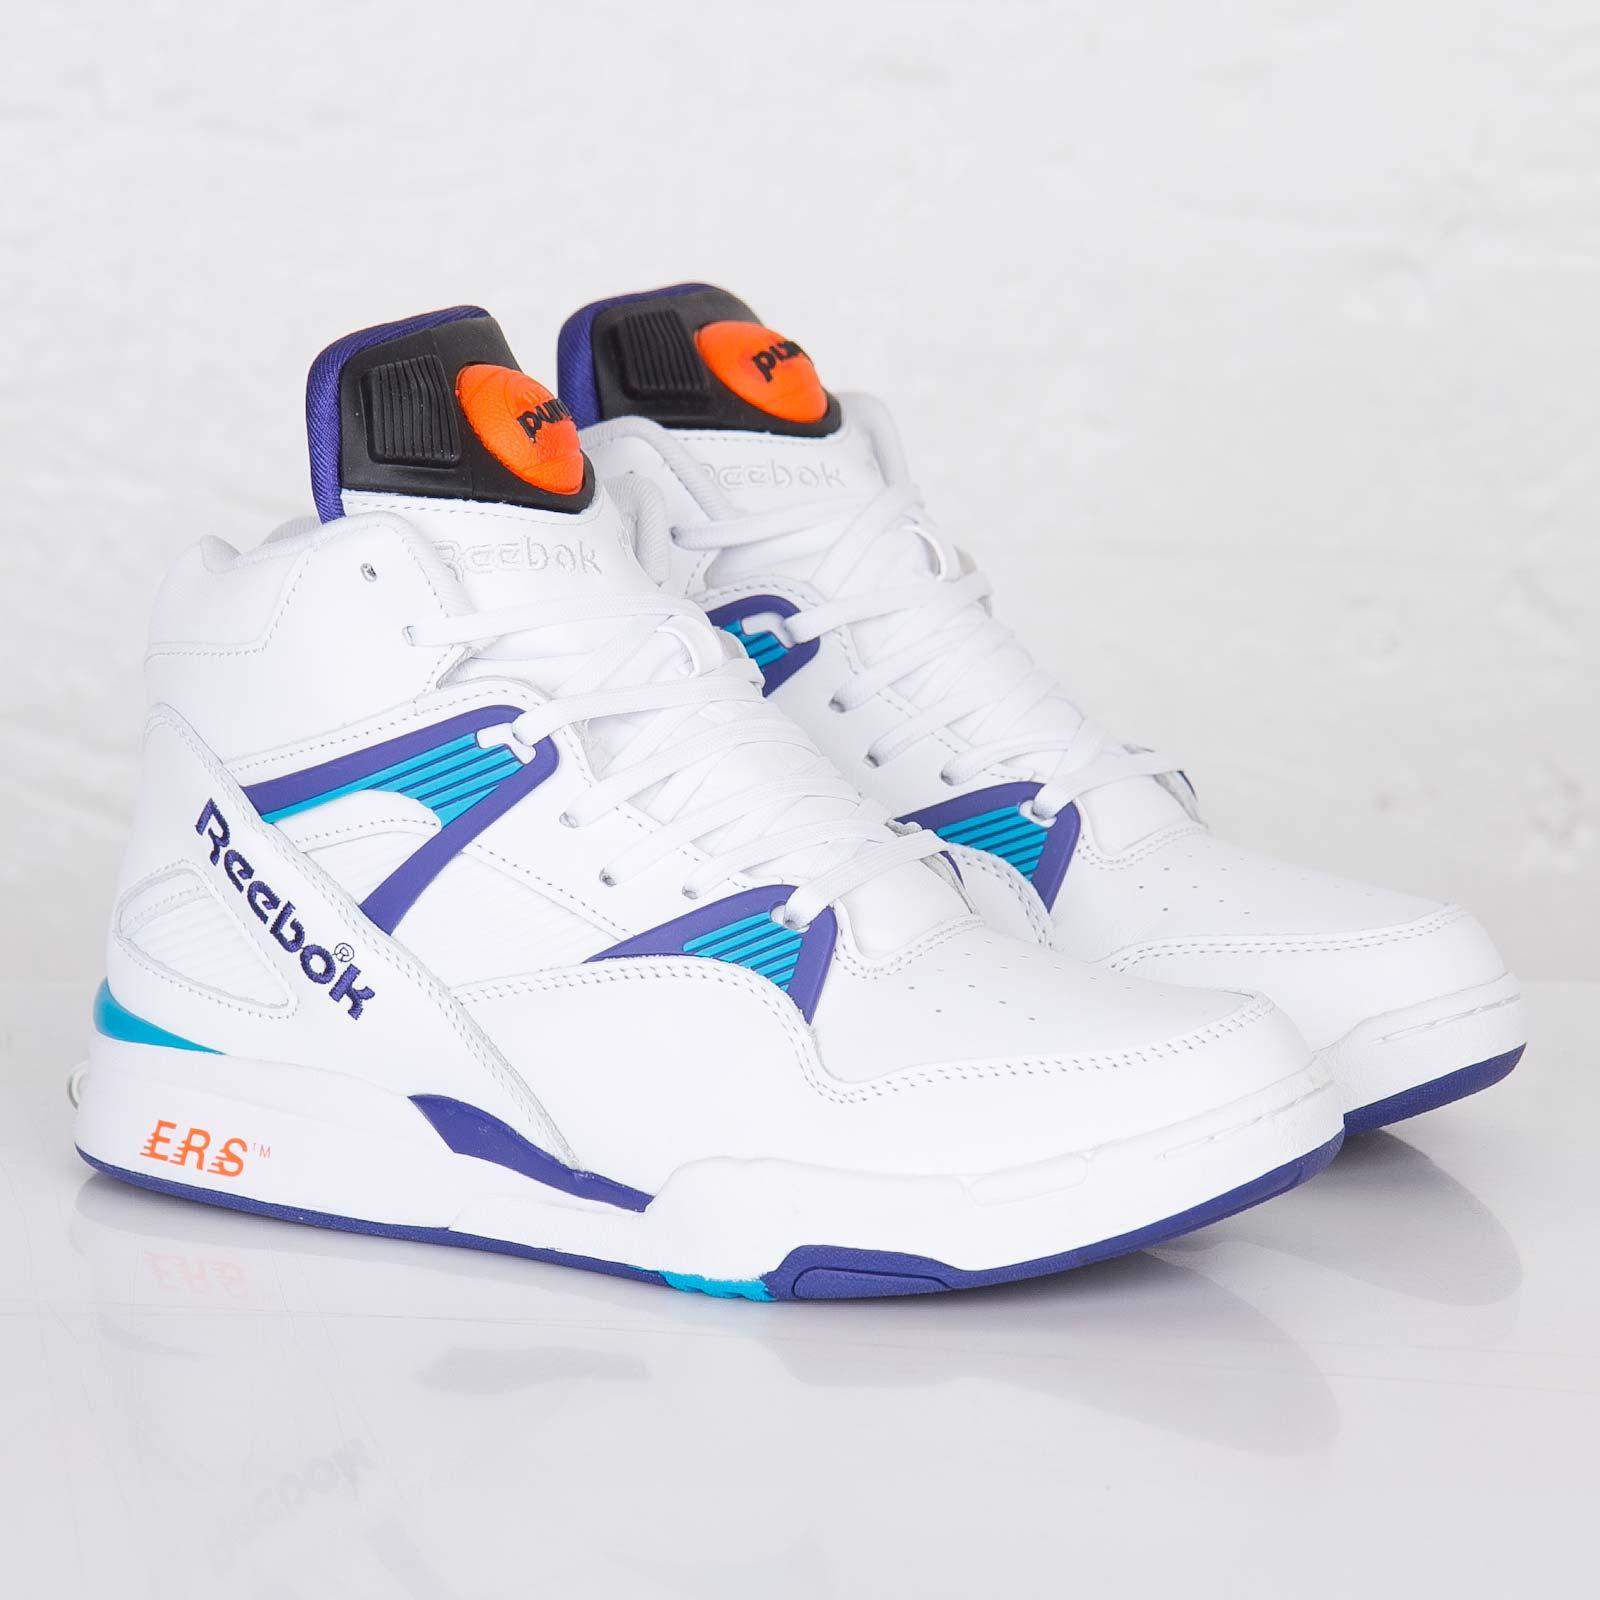 Reebok Pump Omni Zone Retro - V60503 - Sneakersnstuff  2bc34e810